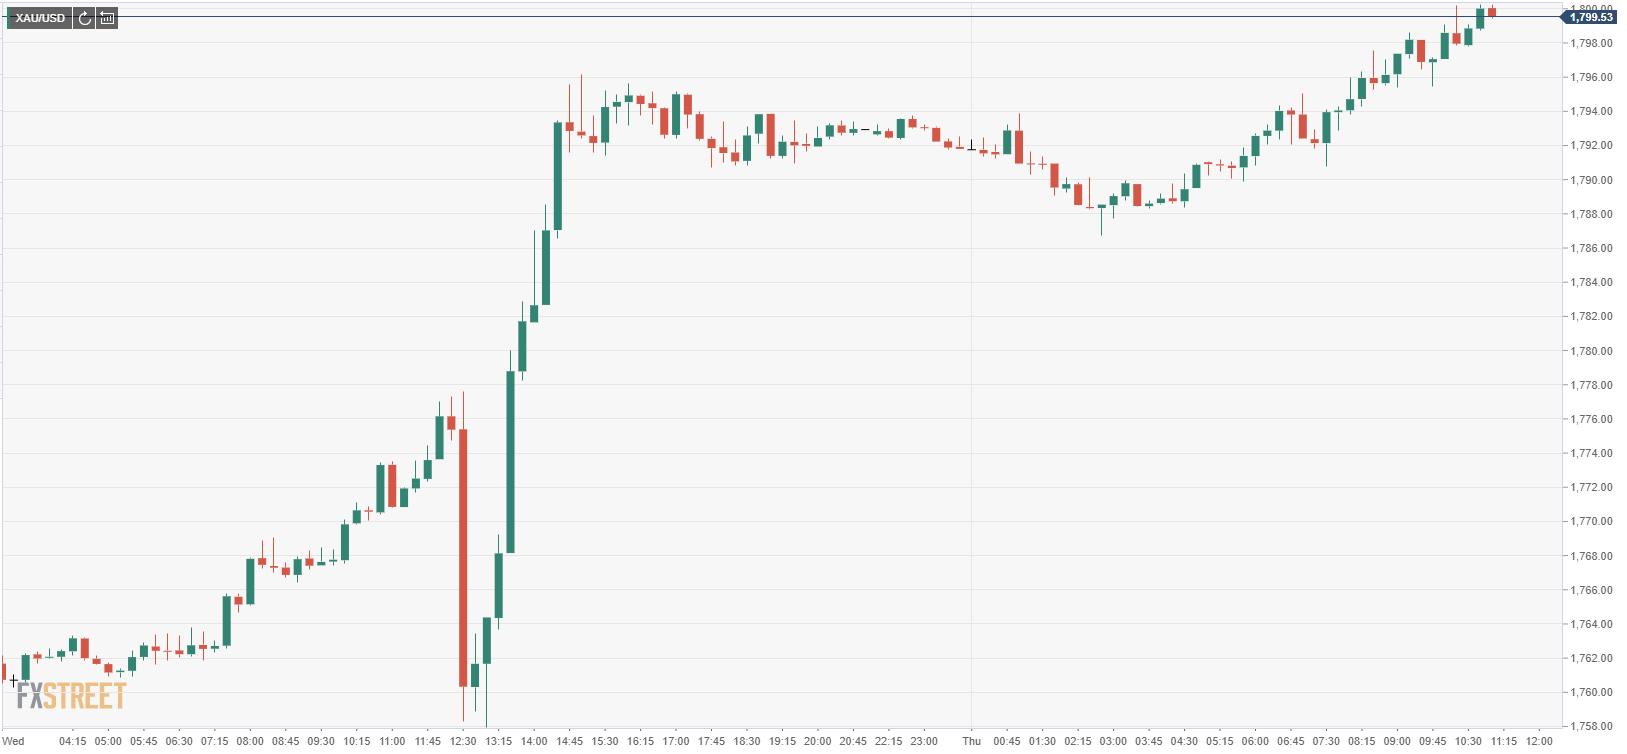 Срочно: золото впервые за месяц выросло до $1800